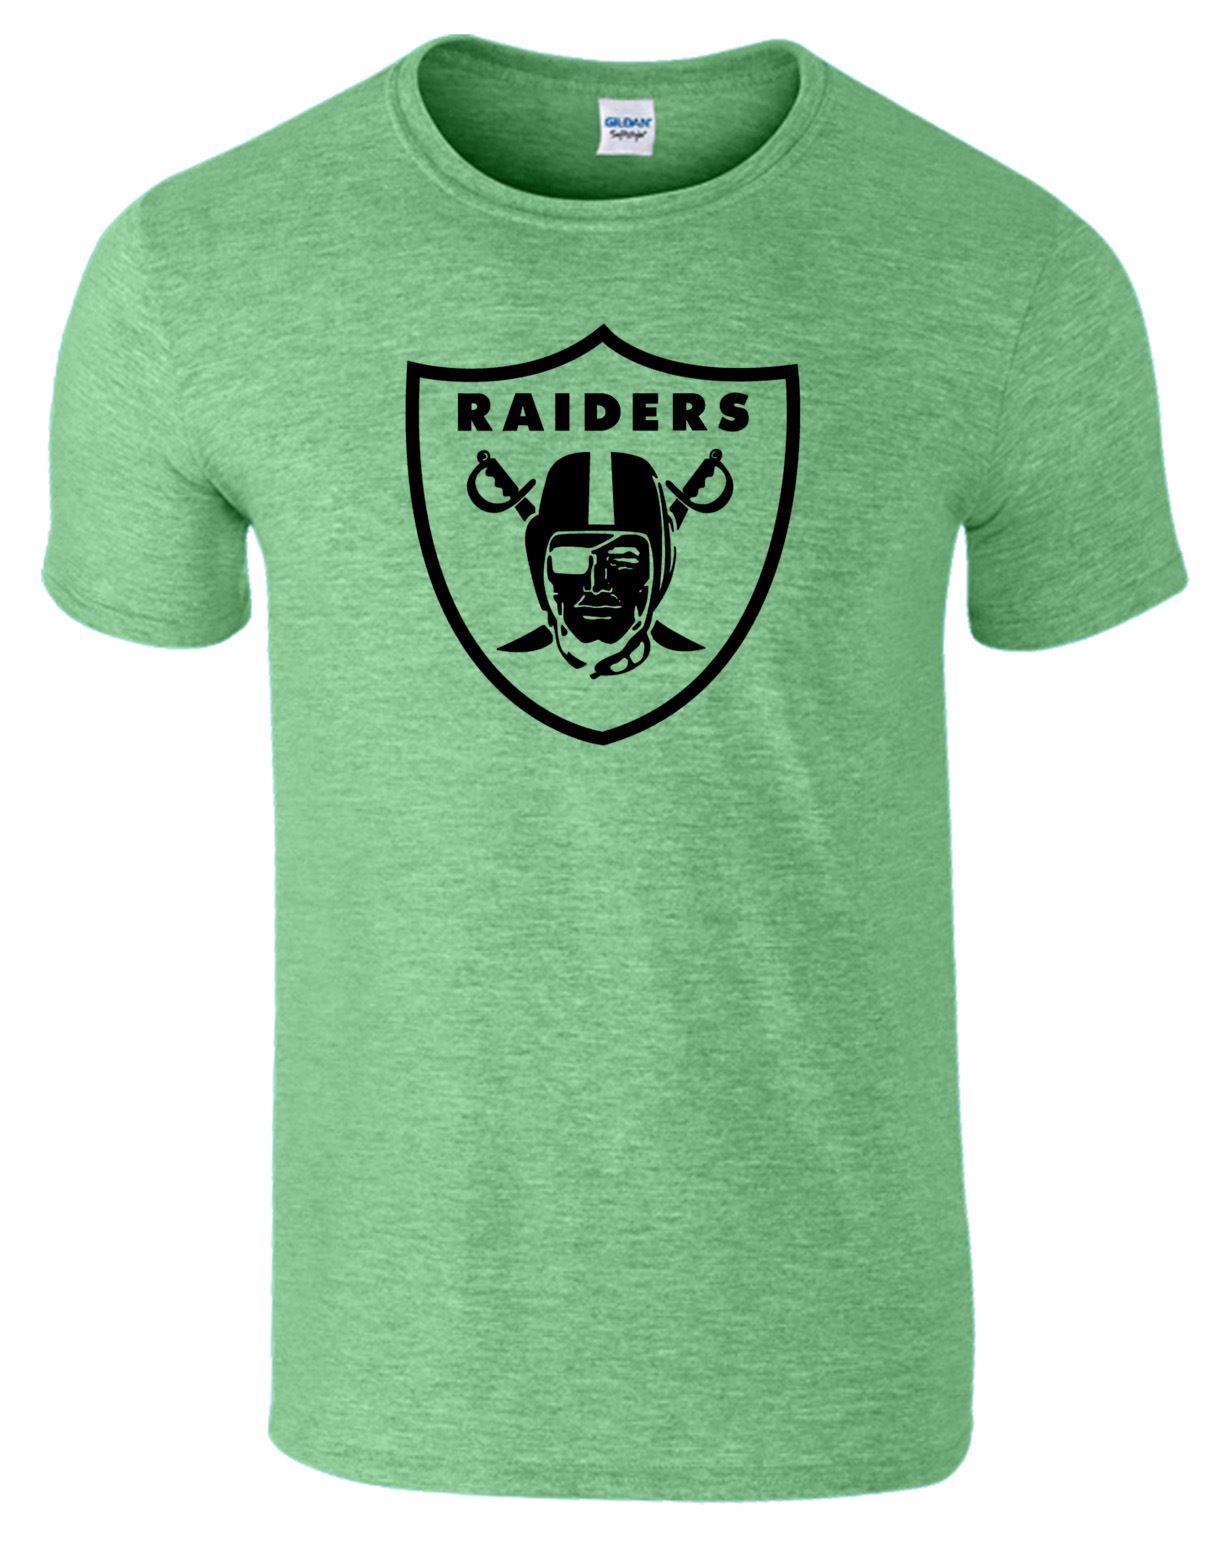 Oakland raiders mens funny t shirt printed usa nfl tshirt for T shirt printing usa